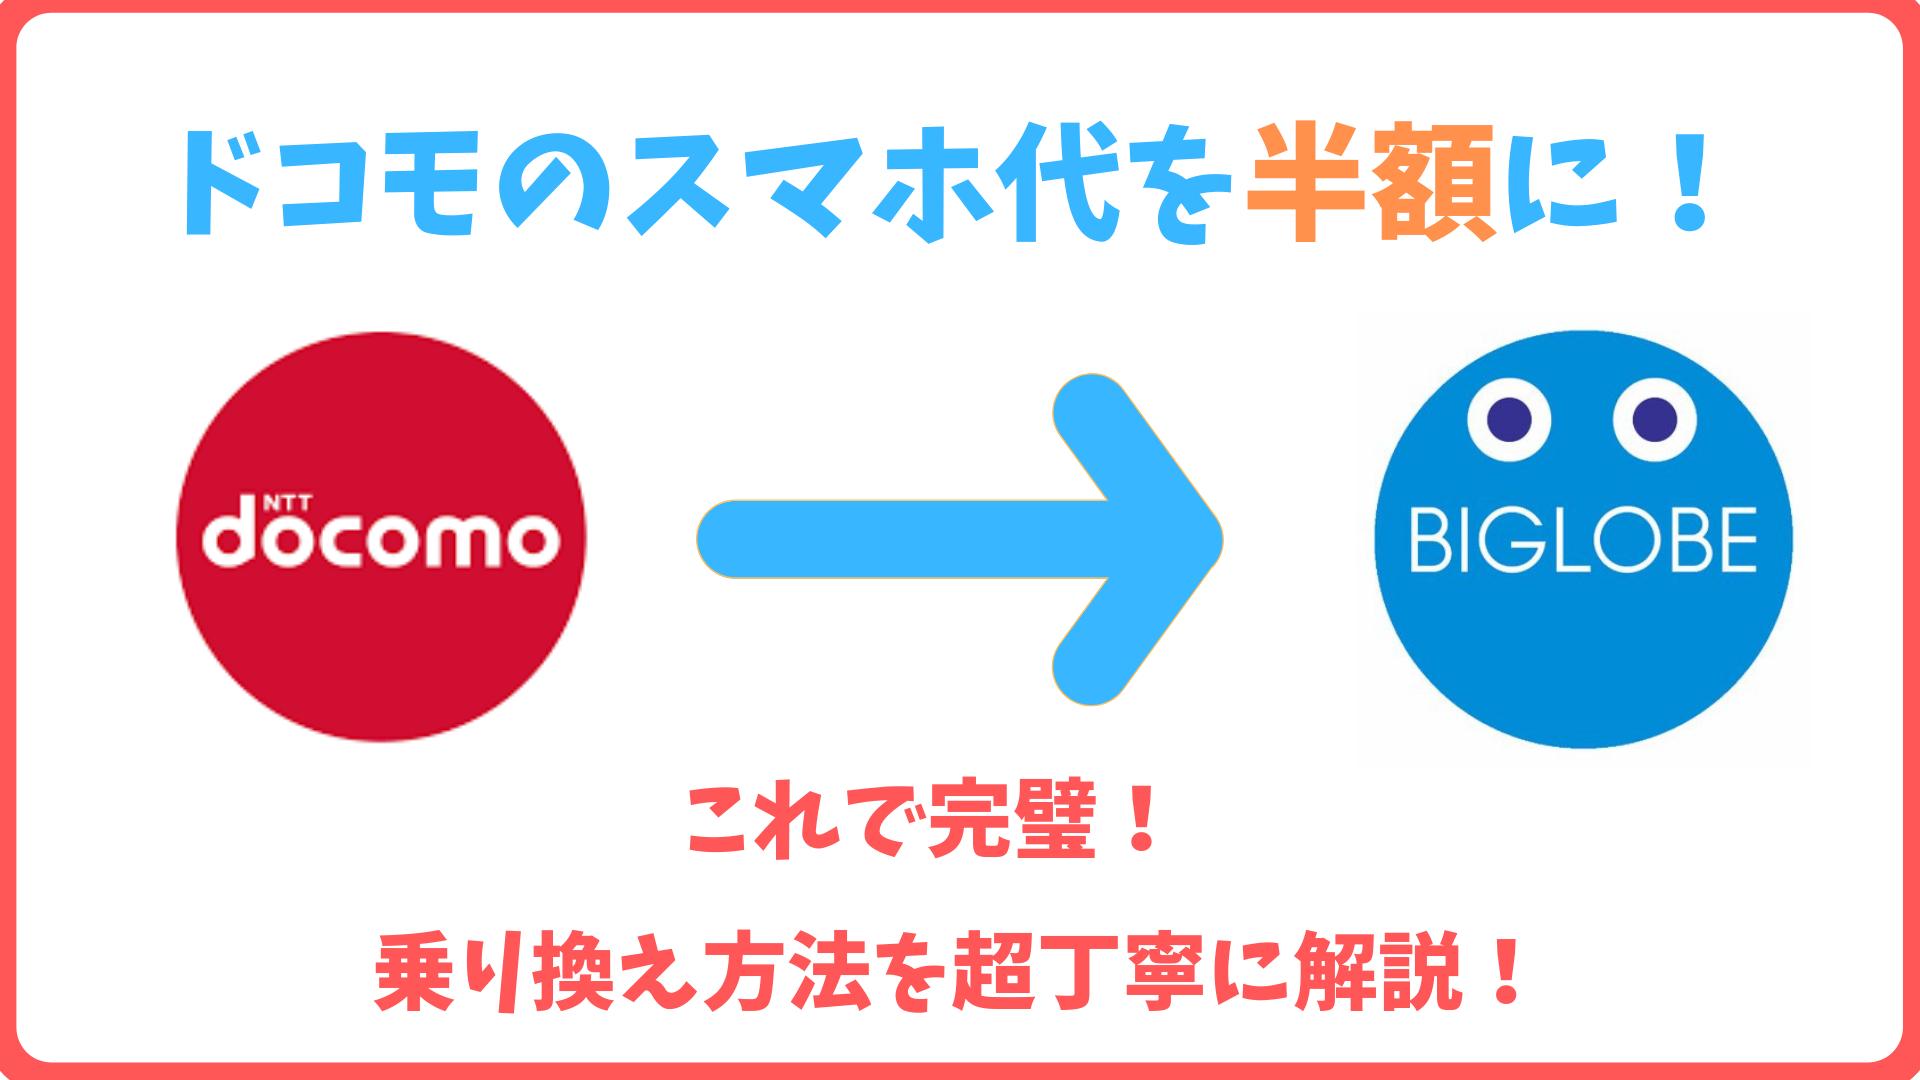 ドコモからBIGLOBEモバイルへの乗り換え(MNP)方法